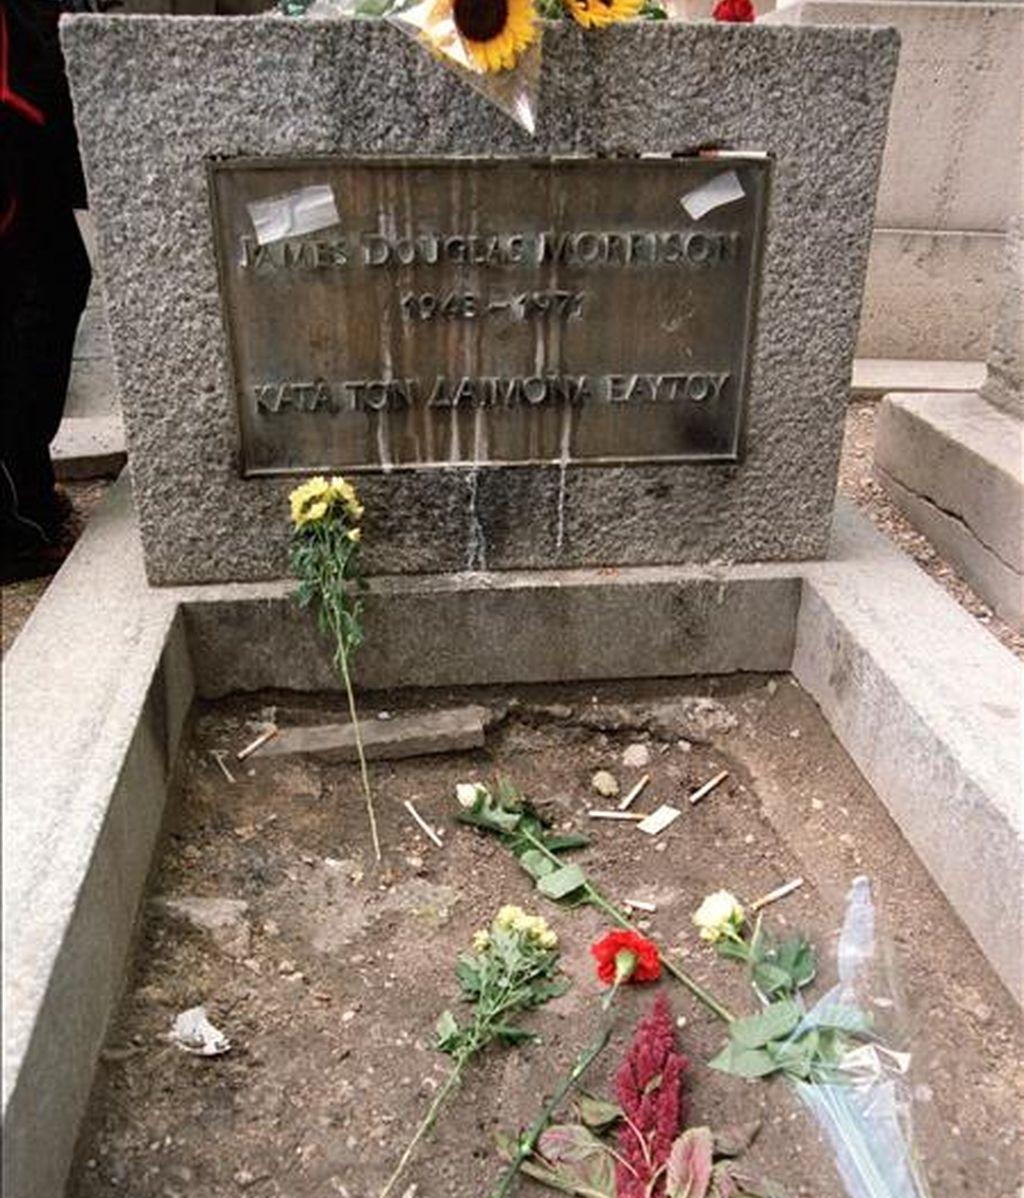 """El vocalista de """"The Doors"""", ídolo de masas que nació en Florida, fue encontrado muerto en una bañera en su vivienda de París en julio de 1971 a la edad de 27 años. En la imagen, la tumba de Jim Morrison. EFE/Archivo"""